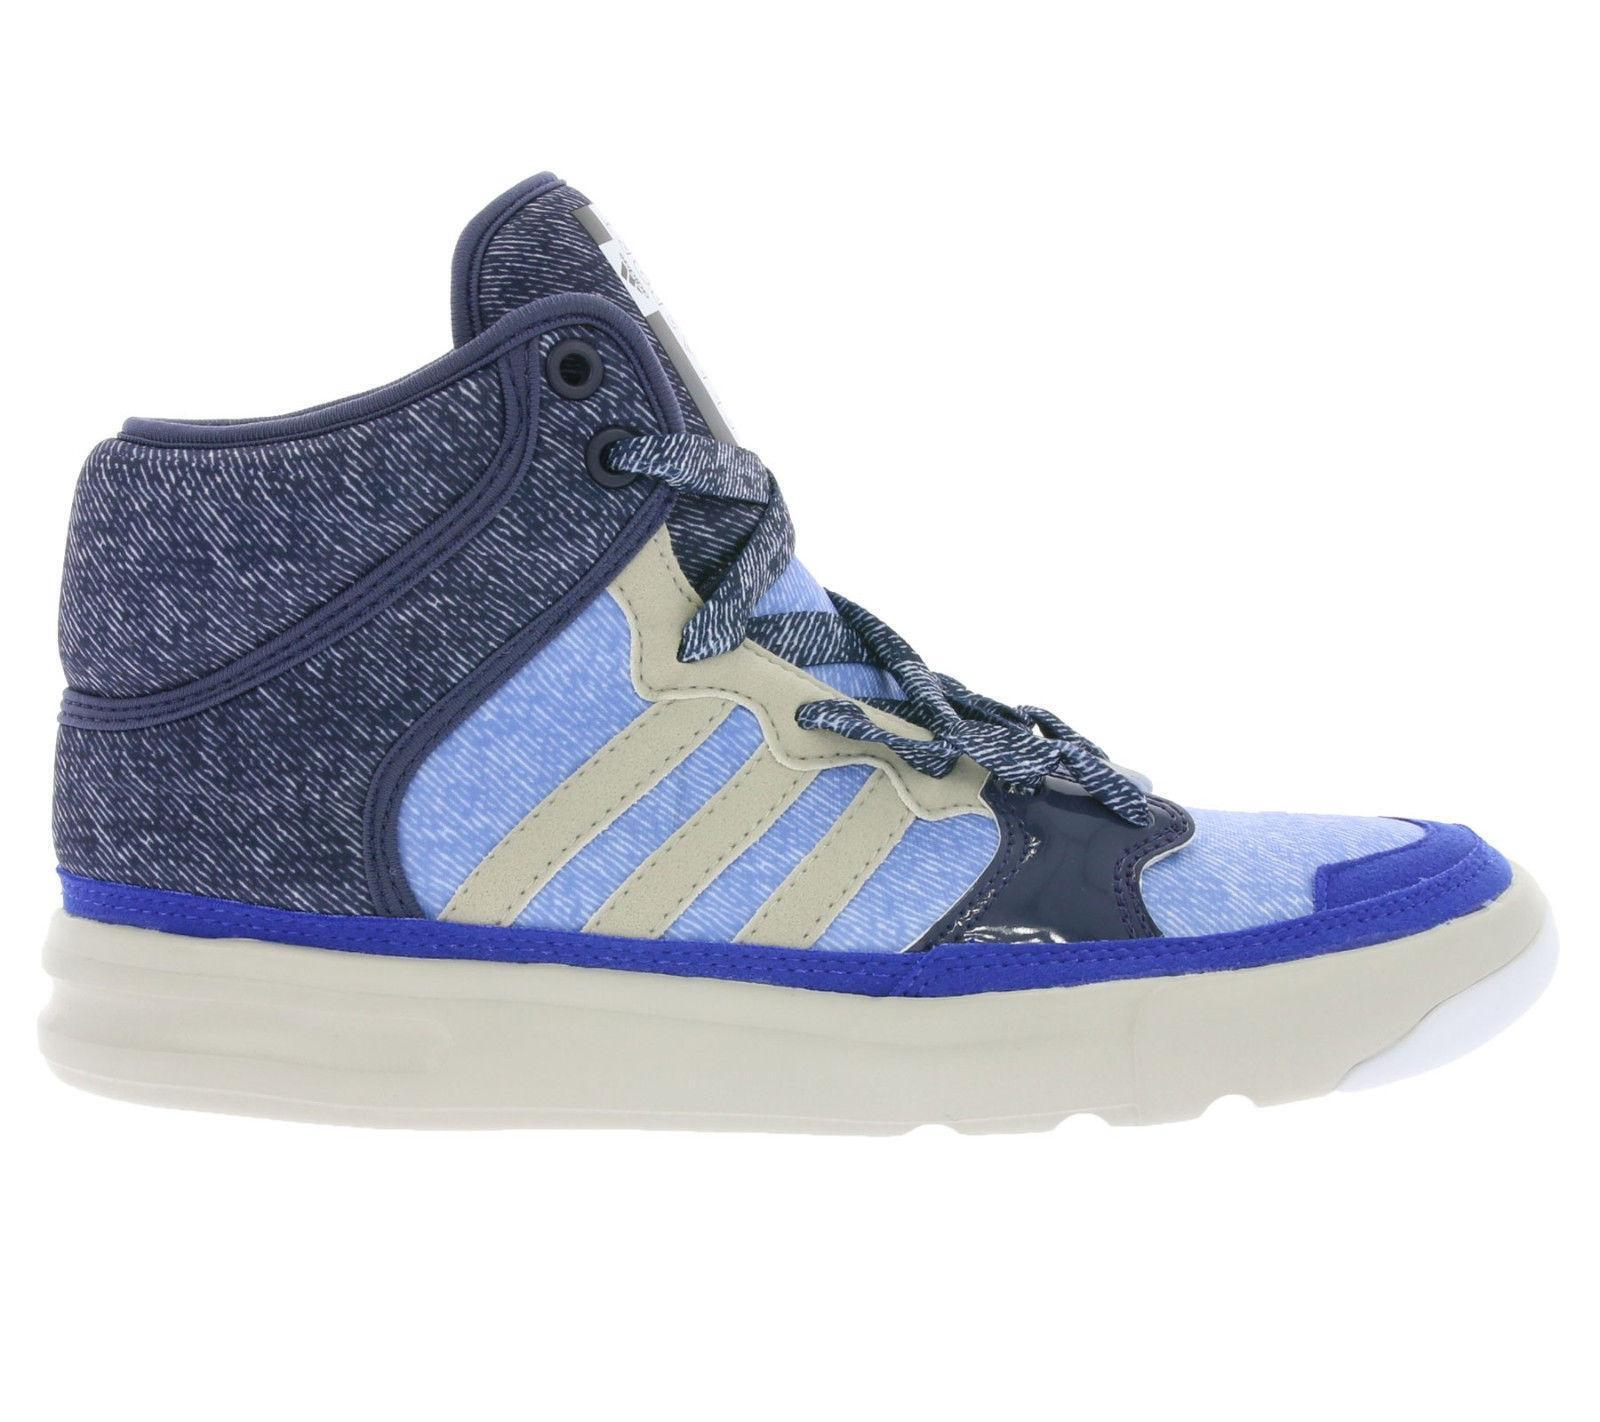 Womens ADIDAS STELLA SPORT IRANA Blue Textile Hi Top Trainers B25114